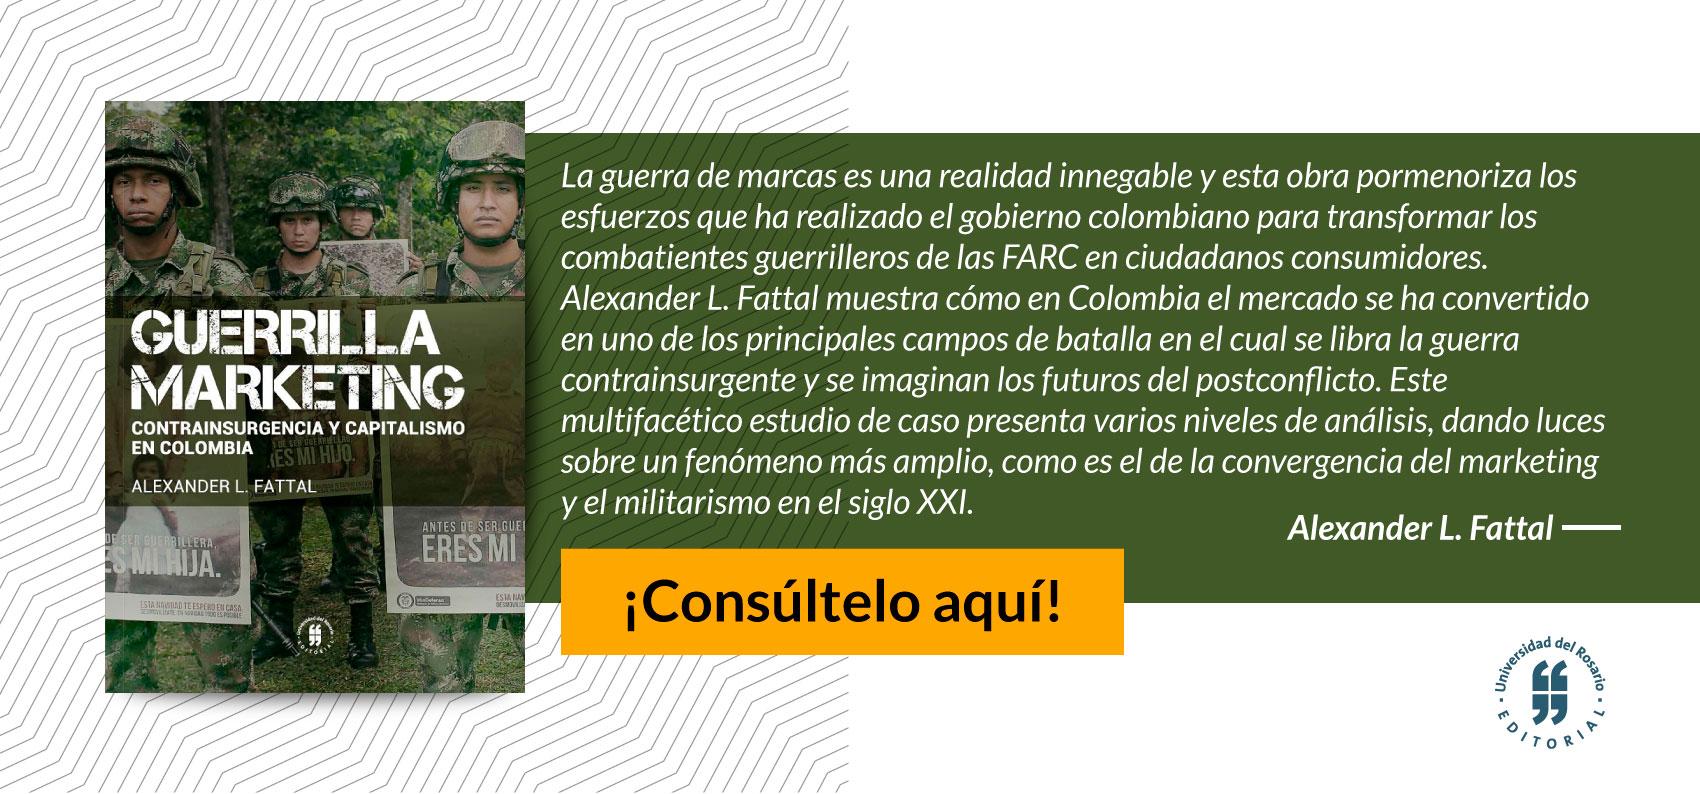 banner Guerrilla marketing contrainsurgencia y capitalismo en colombia